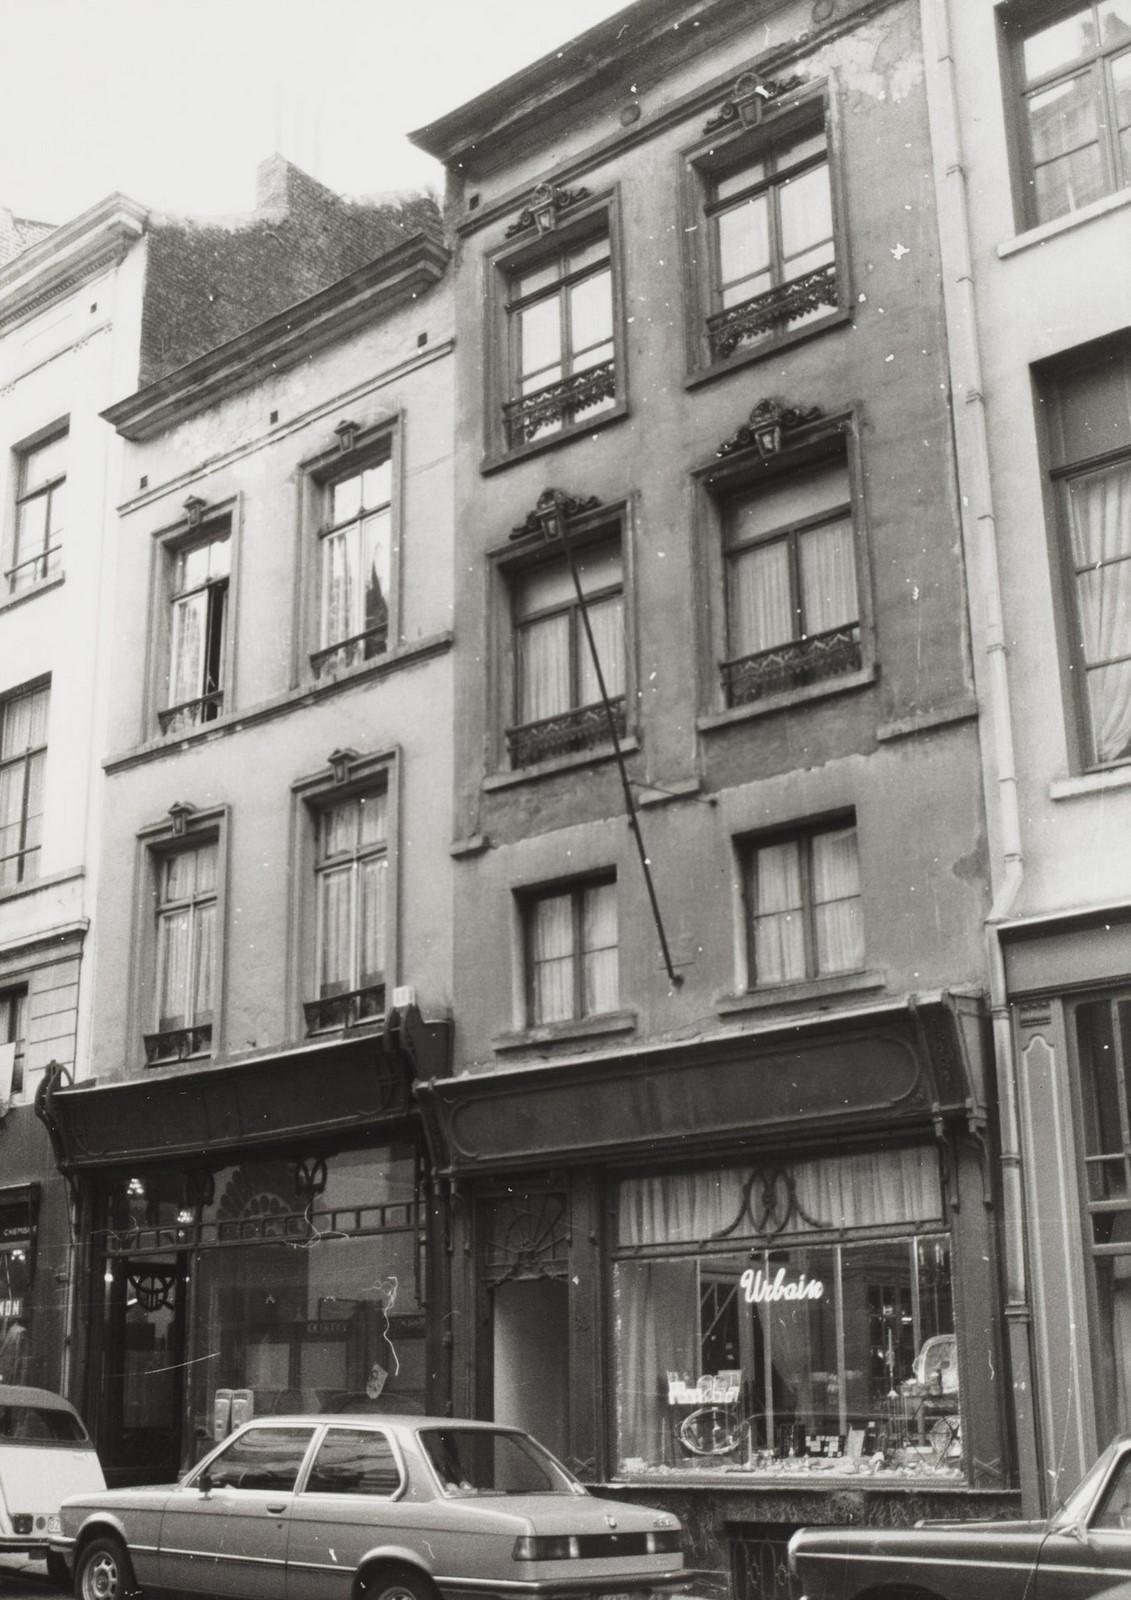 rue de Namur 35, 33., 1981